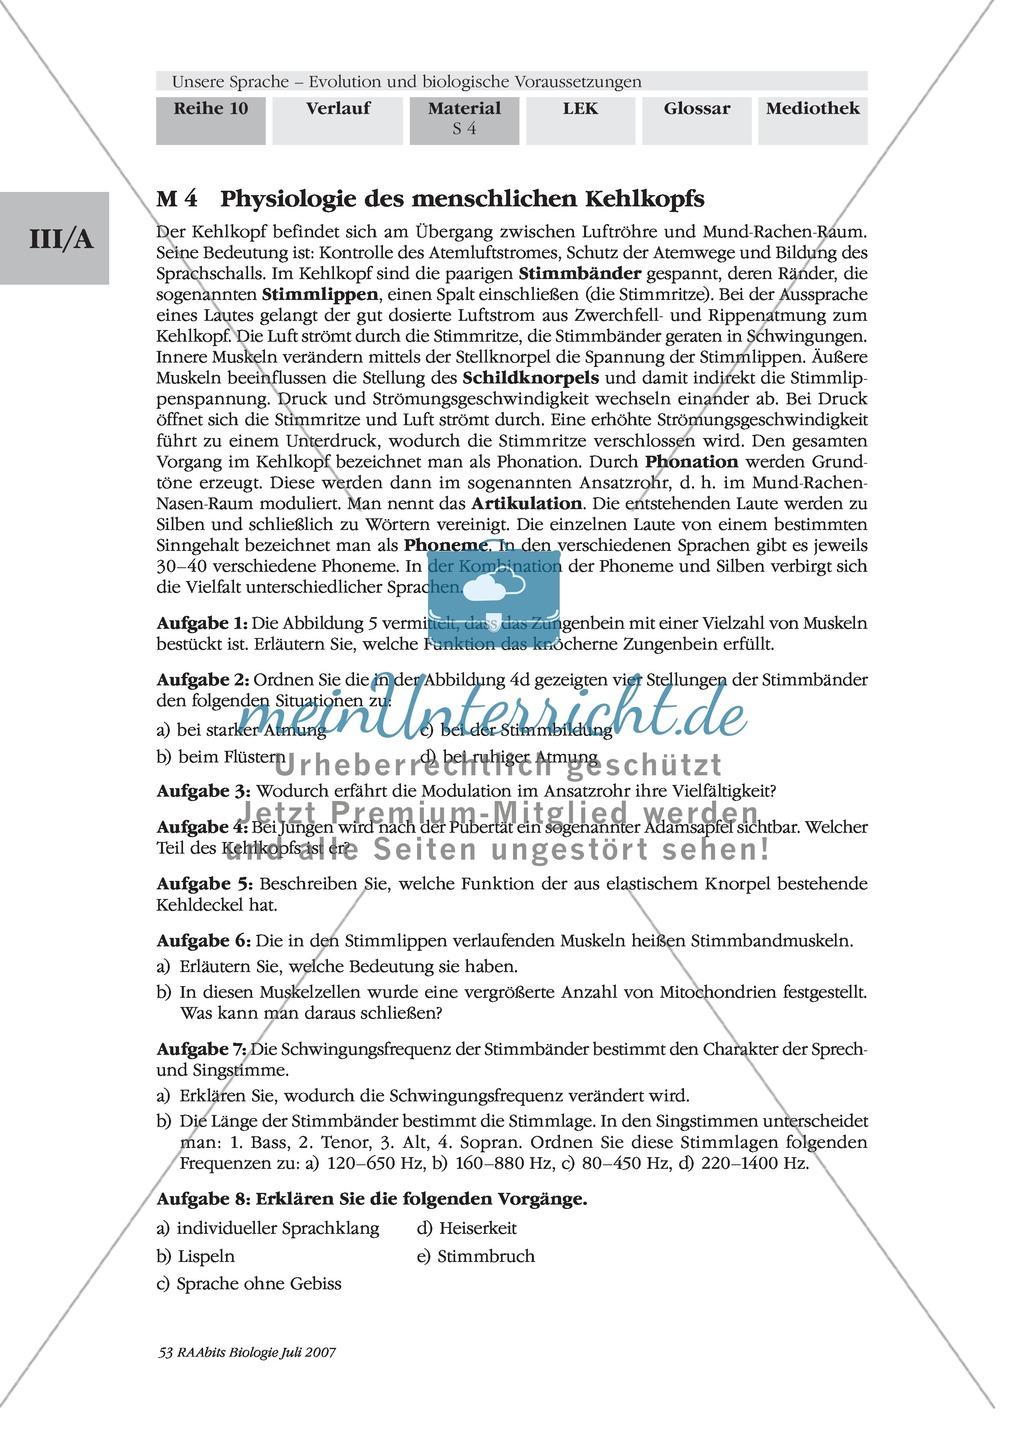 Ausgezeichnet Evolution Studie Führer Arbeitsblatt Bilder - Super ...